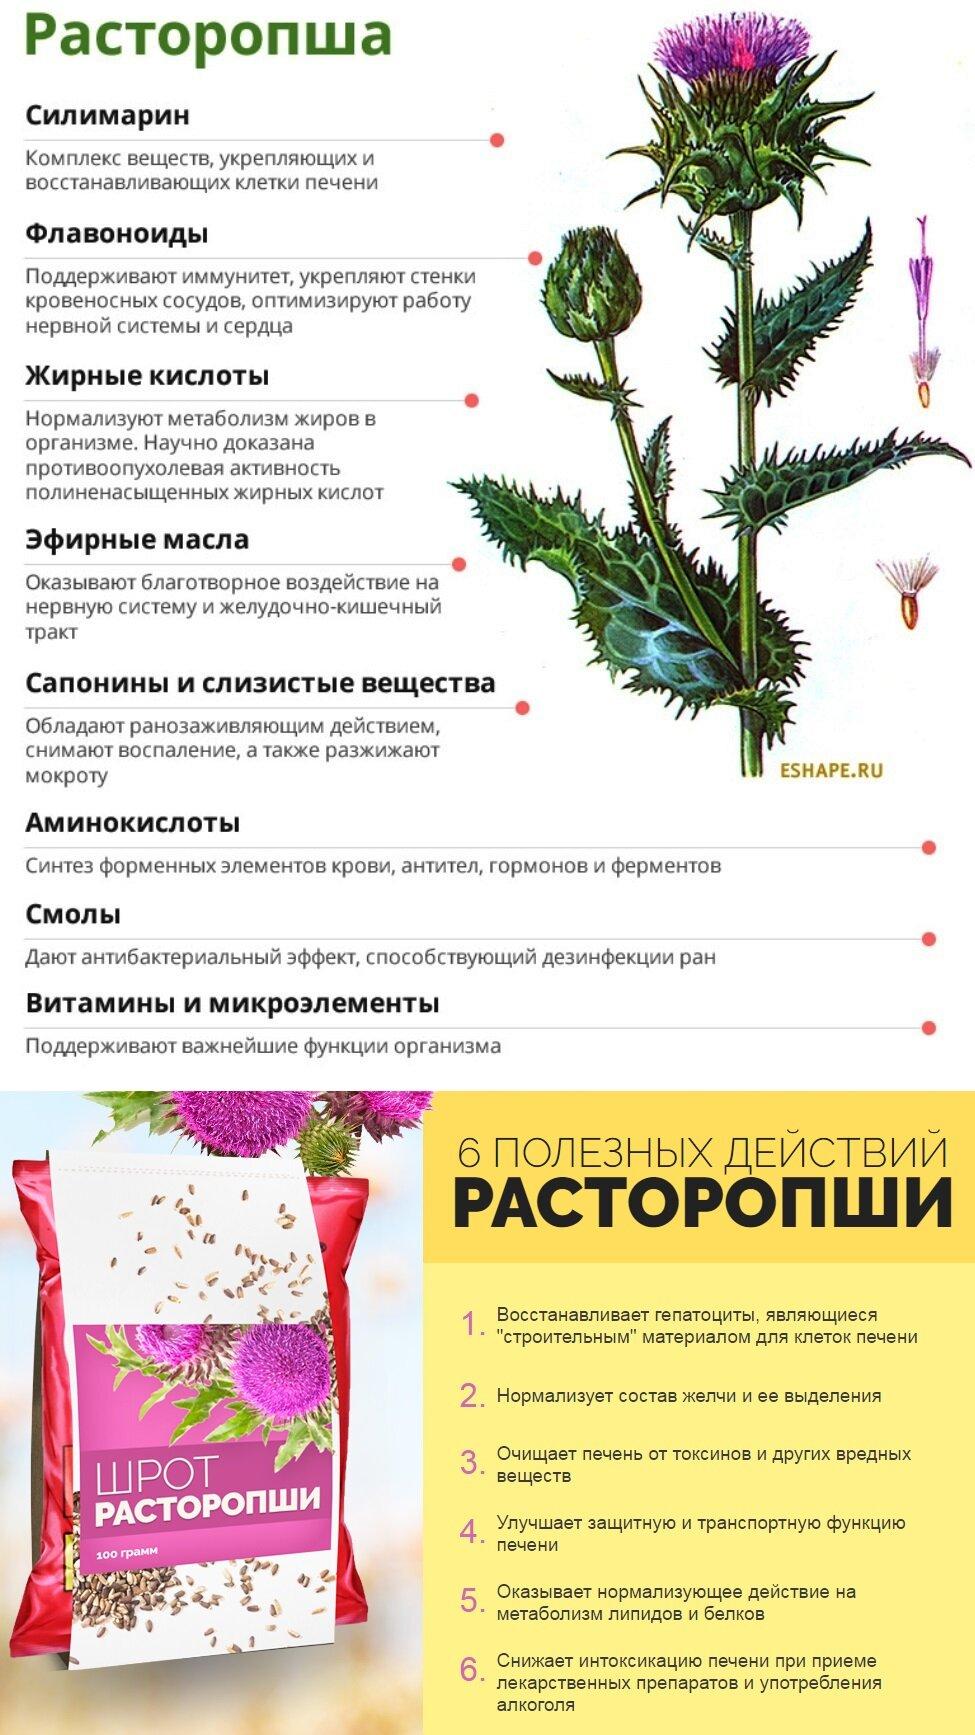 Трава расторопша: полезные свойства и противопоказания, применение в кулинарии и косметологии